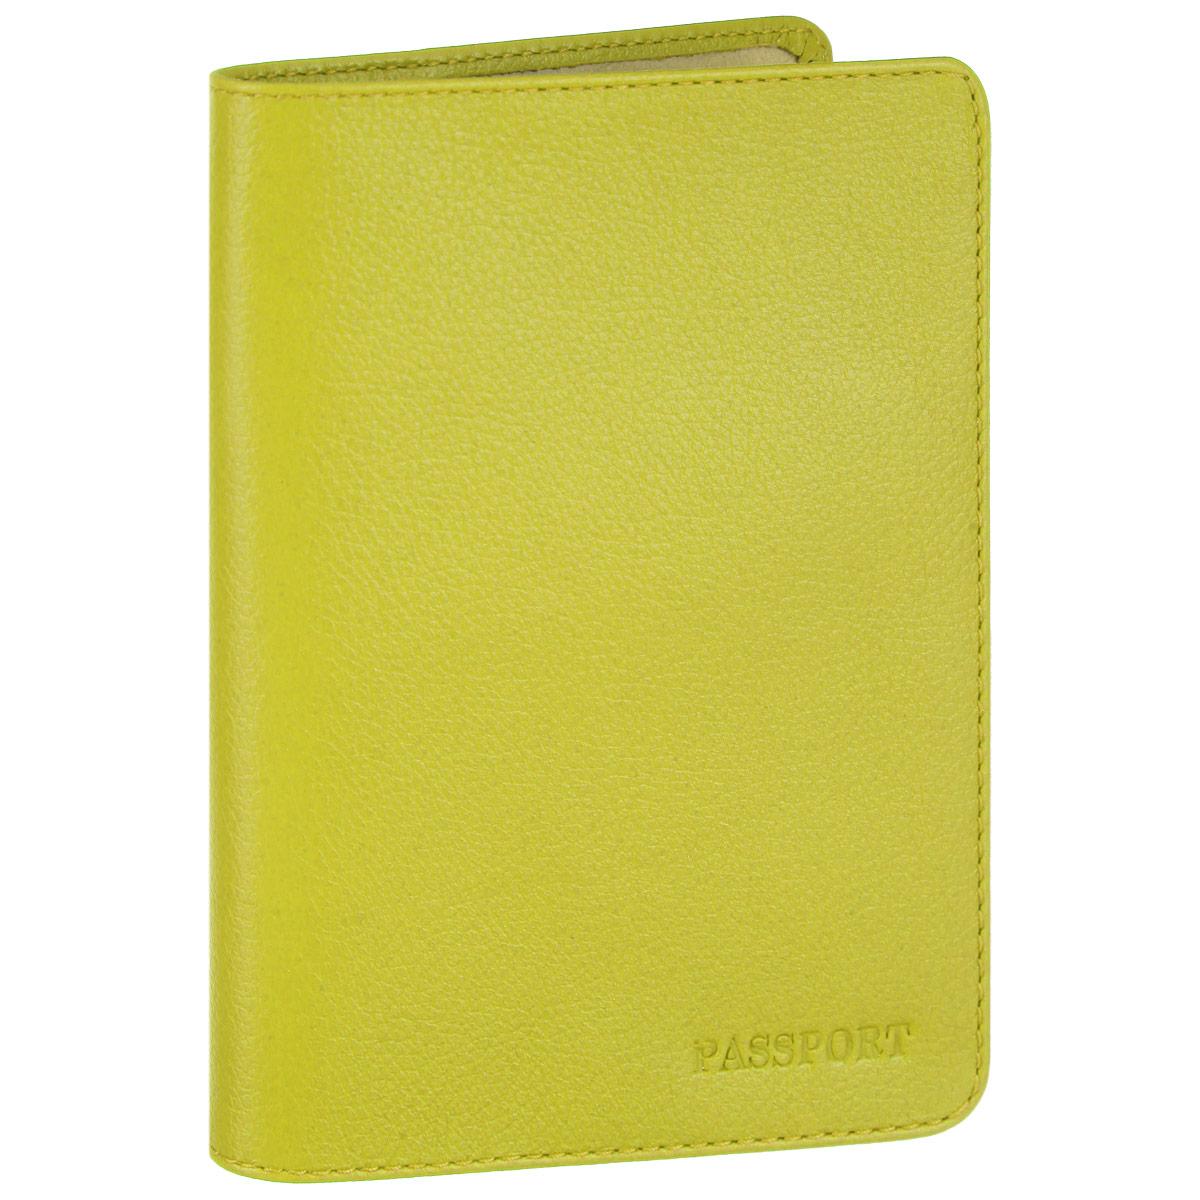 Обложка для паспорта Fabula, цвет: салатовый. O.53.FPO.53.FP. салатовыйСтильная обложка для паспорта Fabula выполнена из натуральной кожи с зернистой текстурой, оформлена надписью Passport. Обложка для паспорта раскладывается пополам, внутри расположены два пластиковых кармашка.Такая обложка для паспорта станет прекрасным и стильным подарком человеку, любящему оригинальные и практичные вещи.